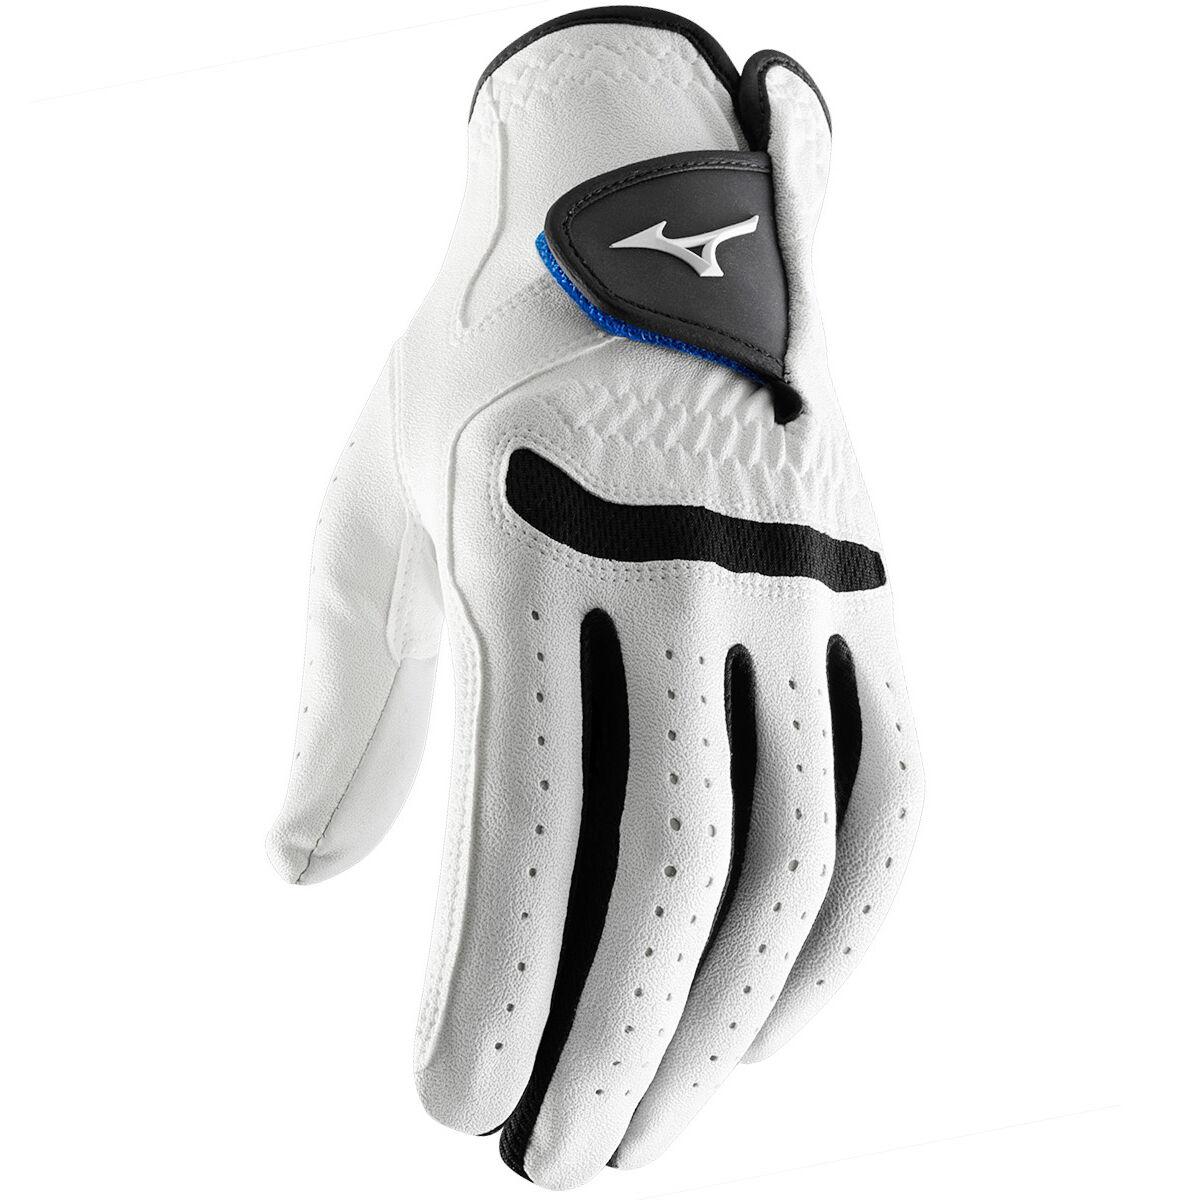 Mizuno Golf Mens White and Black Colour Block Mizuno Comp Left Hand Golf Glove, Size: Xl   American Golf